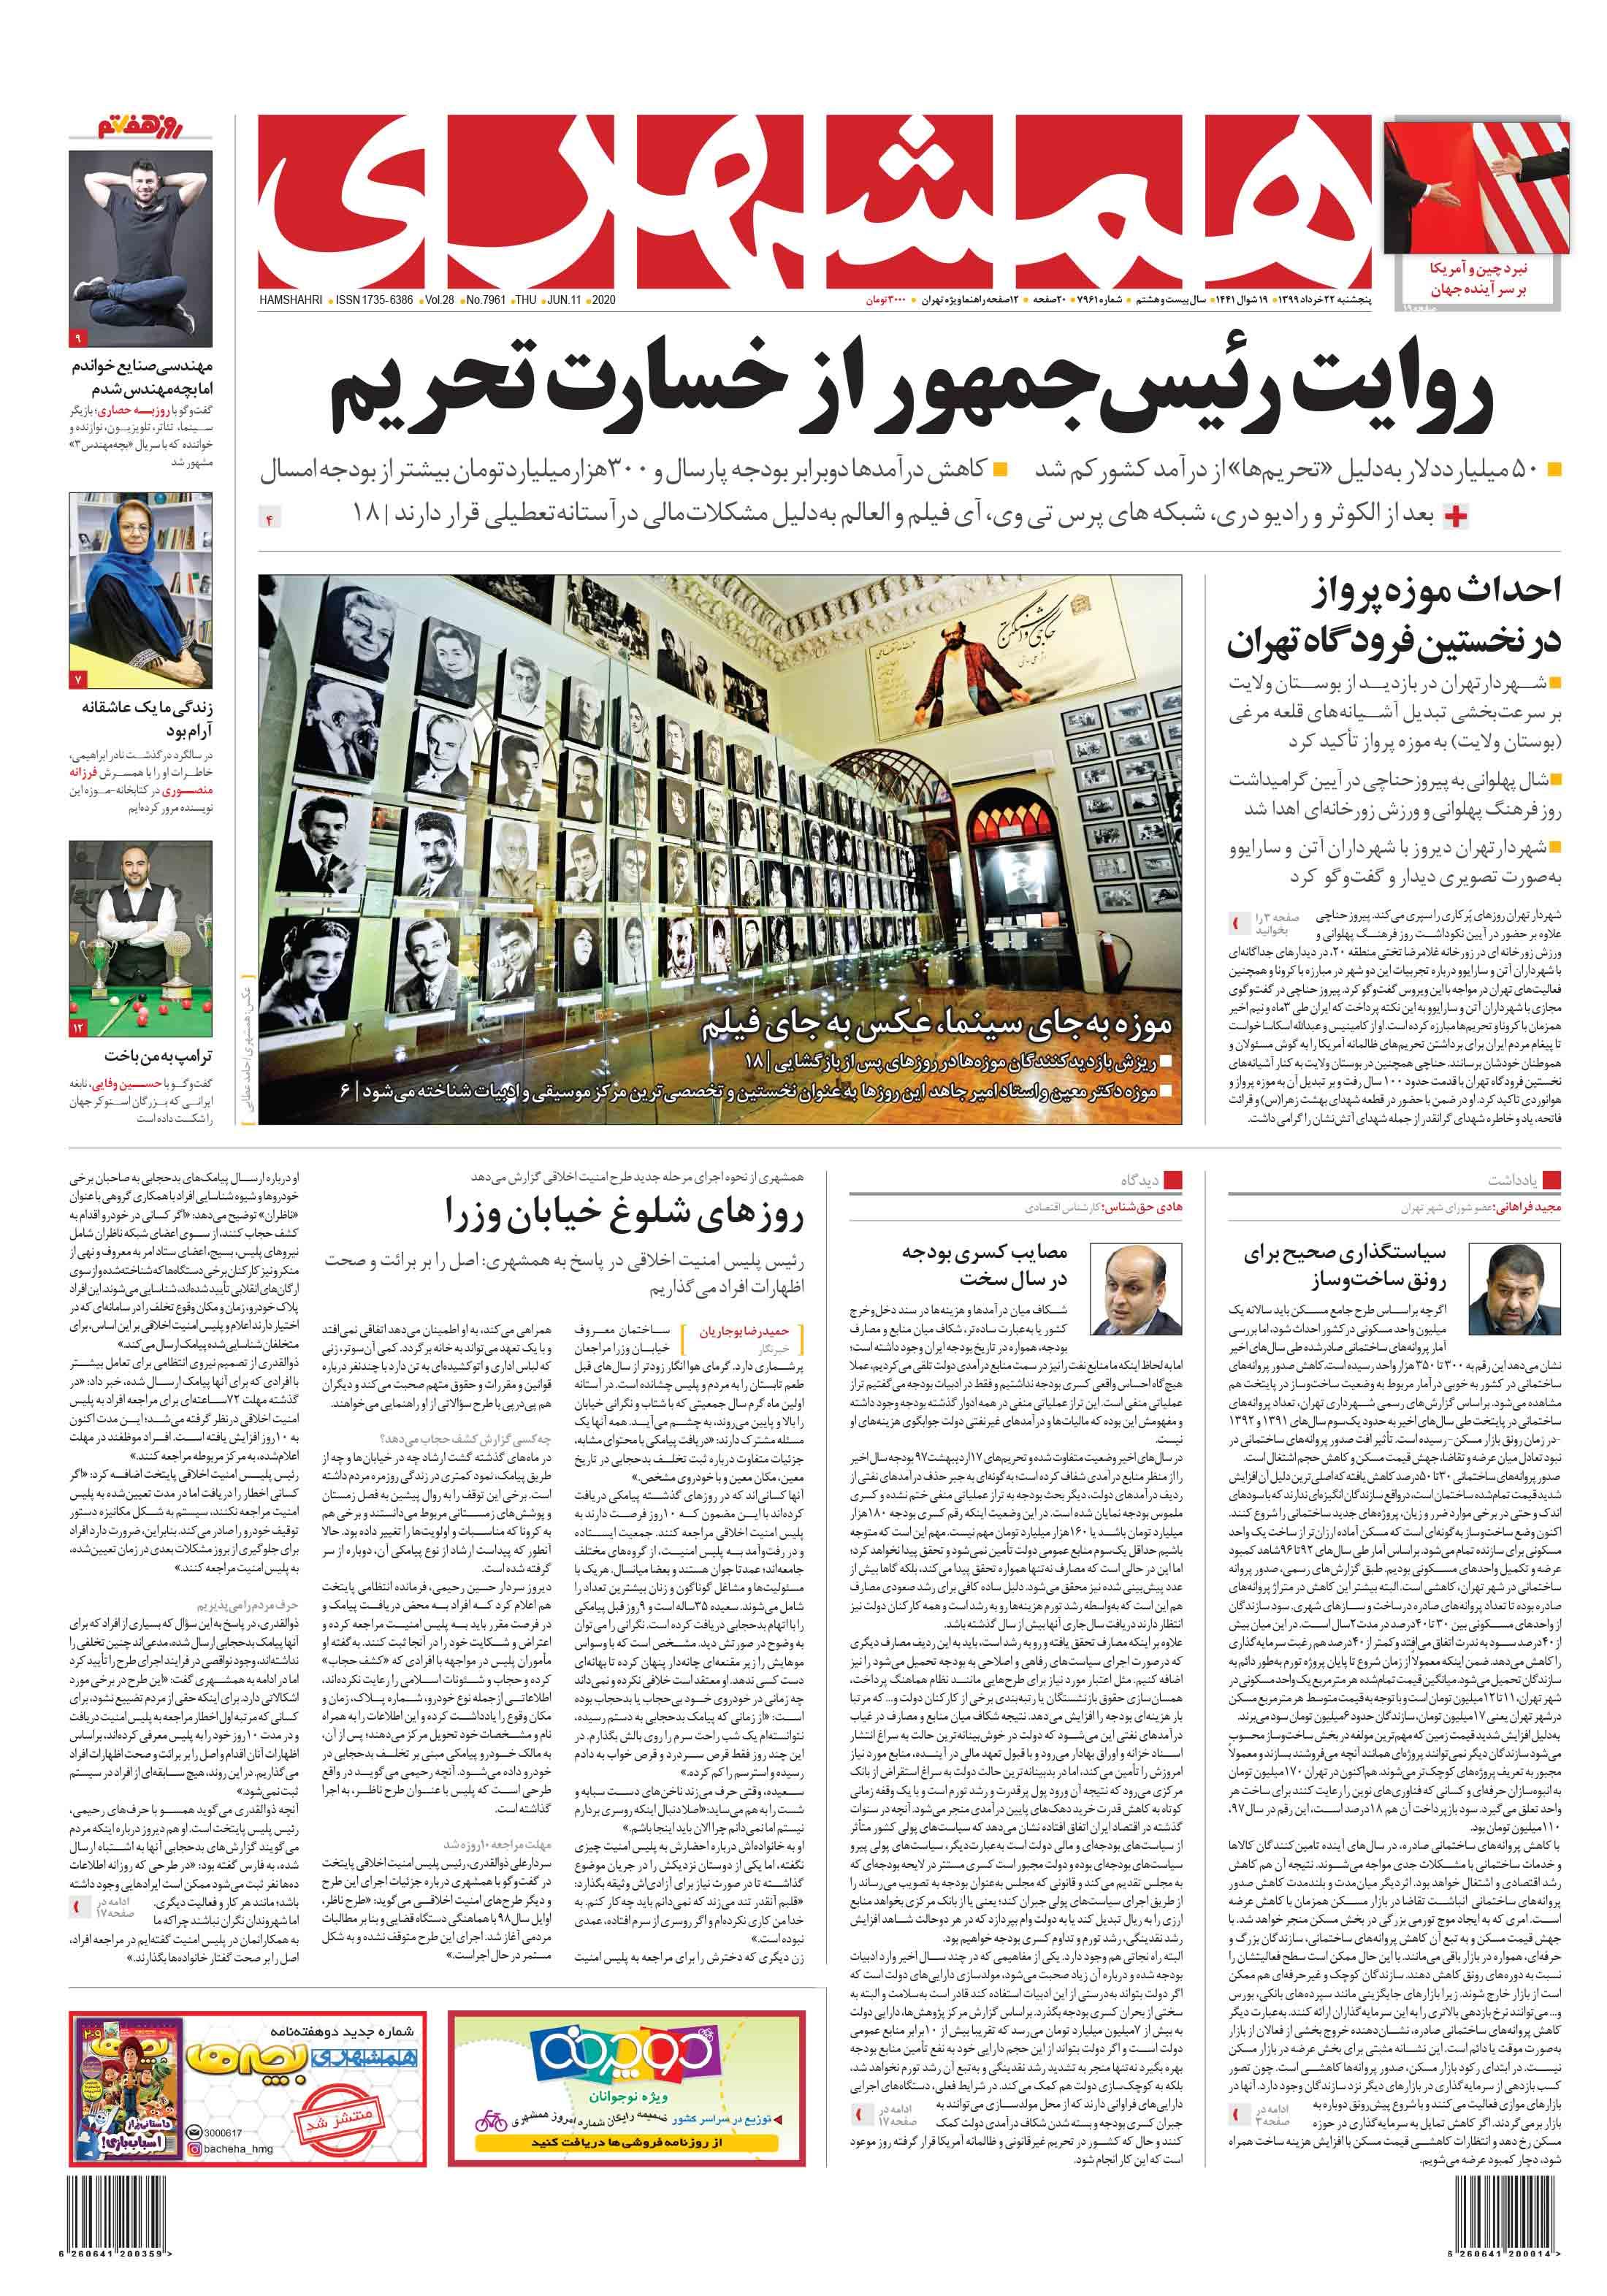 صفحه اول پنجشنبه 22 خرداد 1399